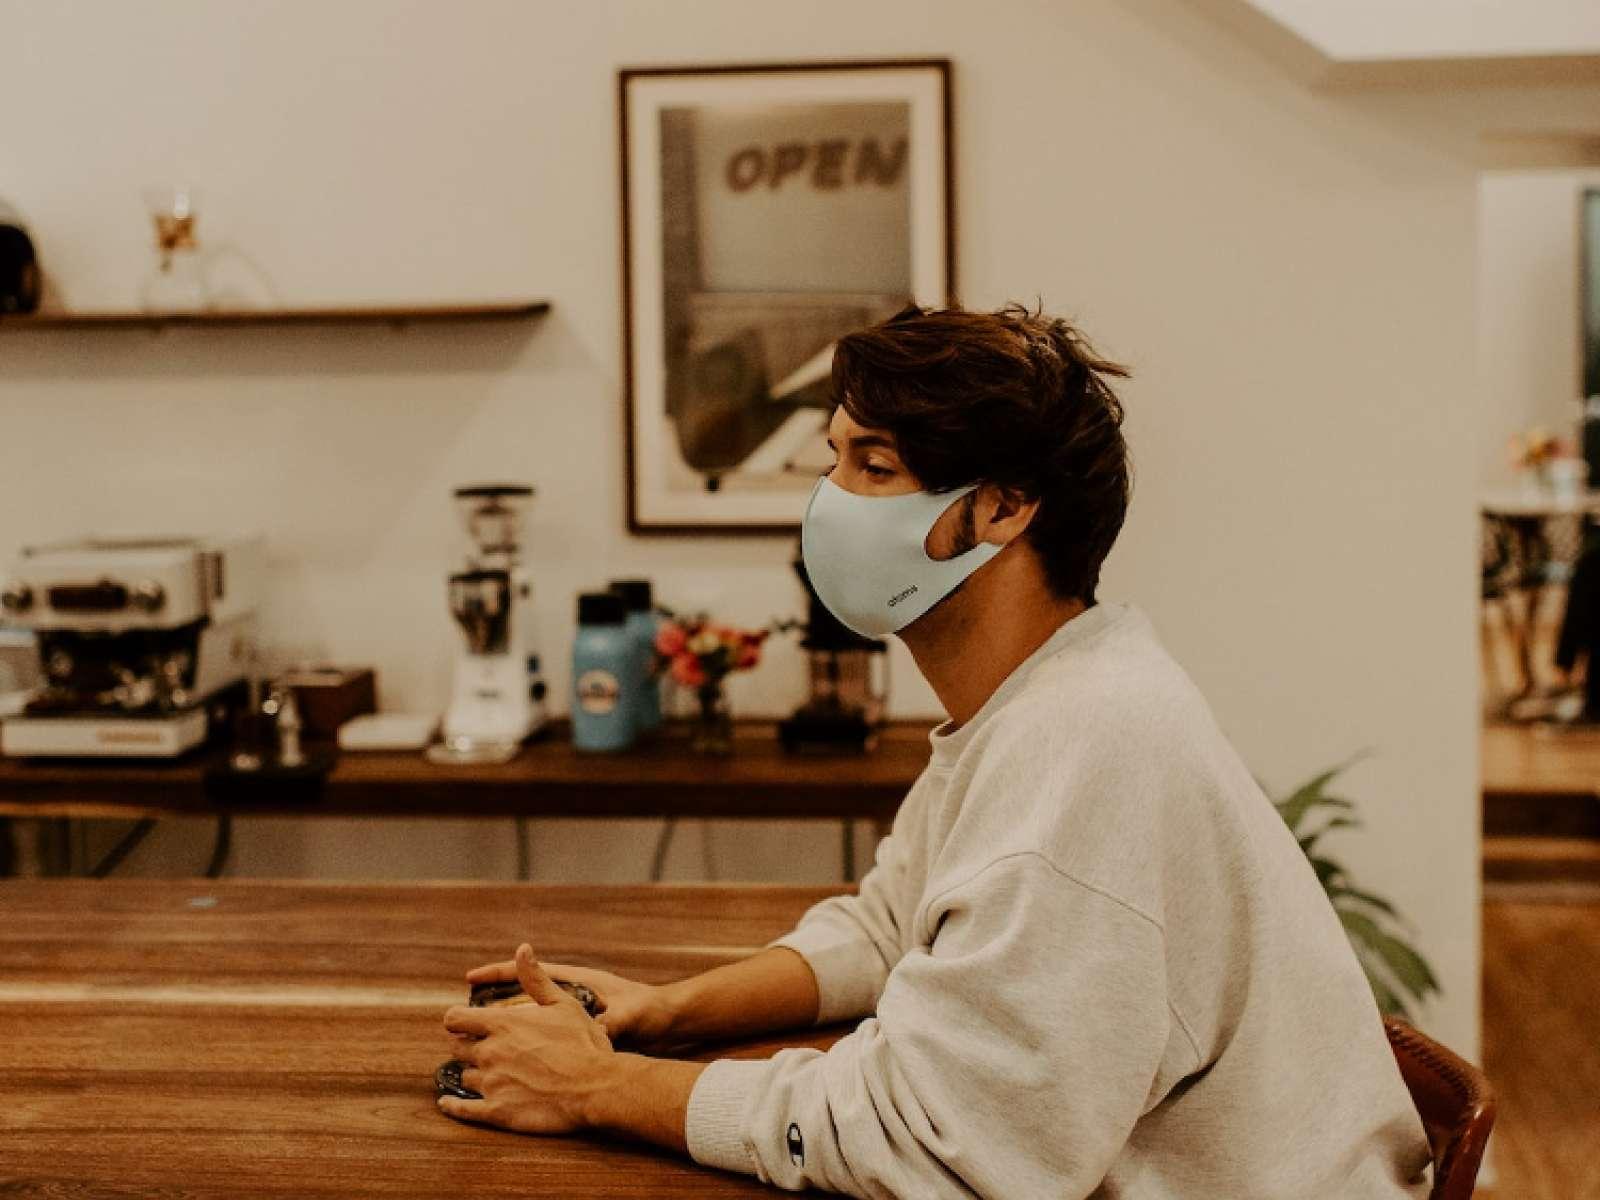 Mann trägt Maske zum Schutz vor Corona